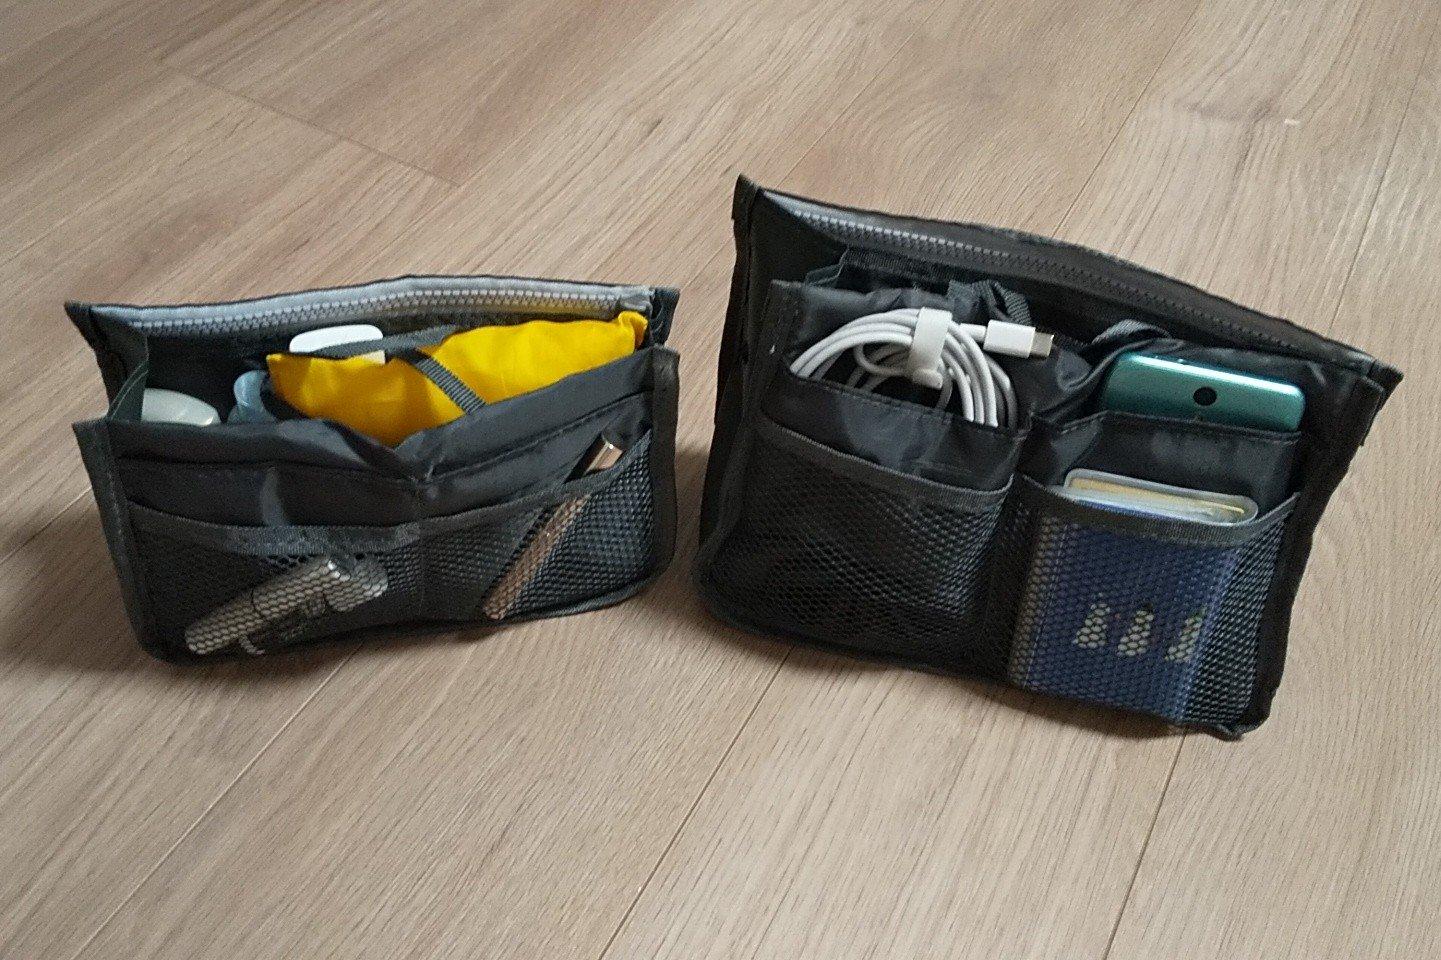 11ポケットで仕訳簡単【ダイソー】「バッグインバッグ」収納力抜群